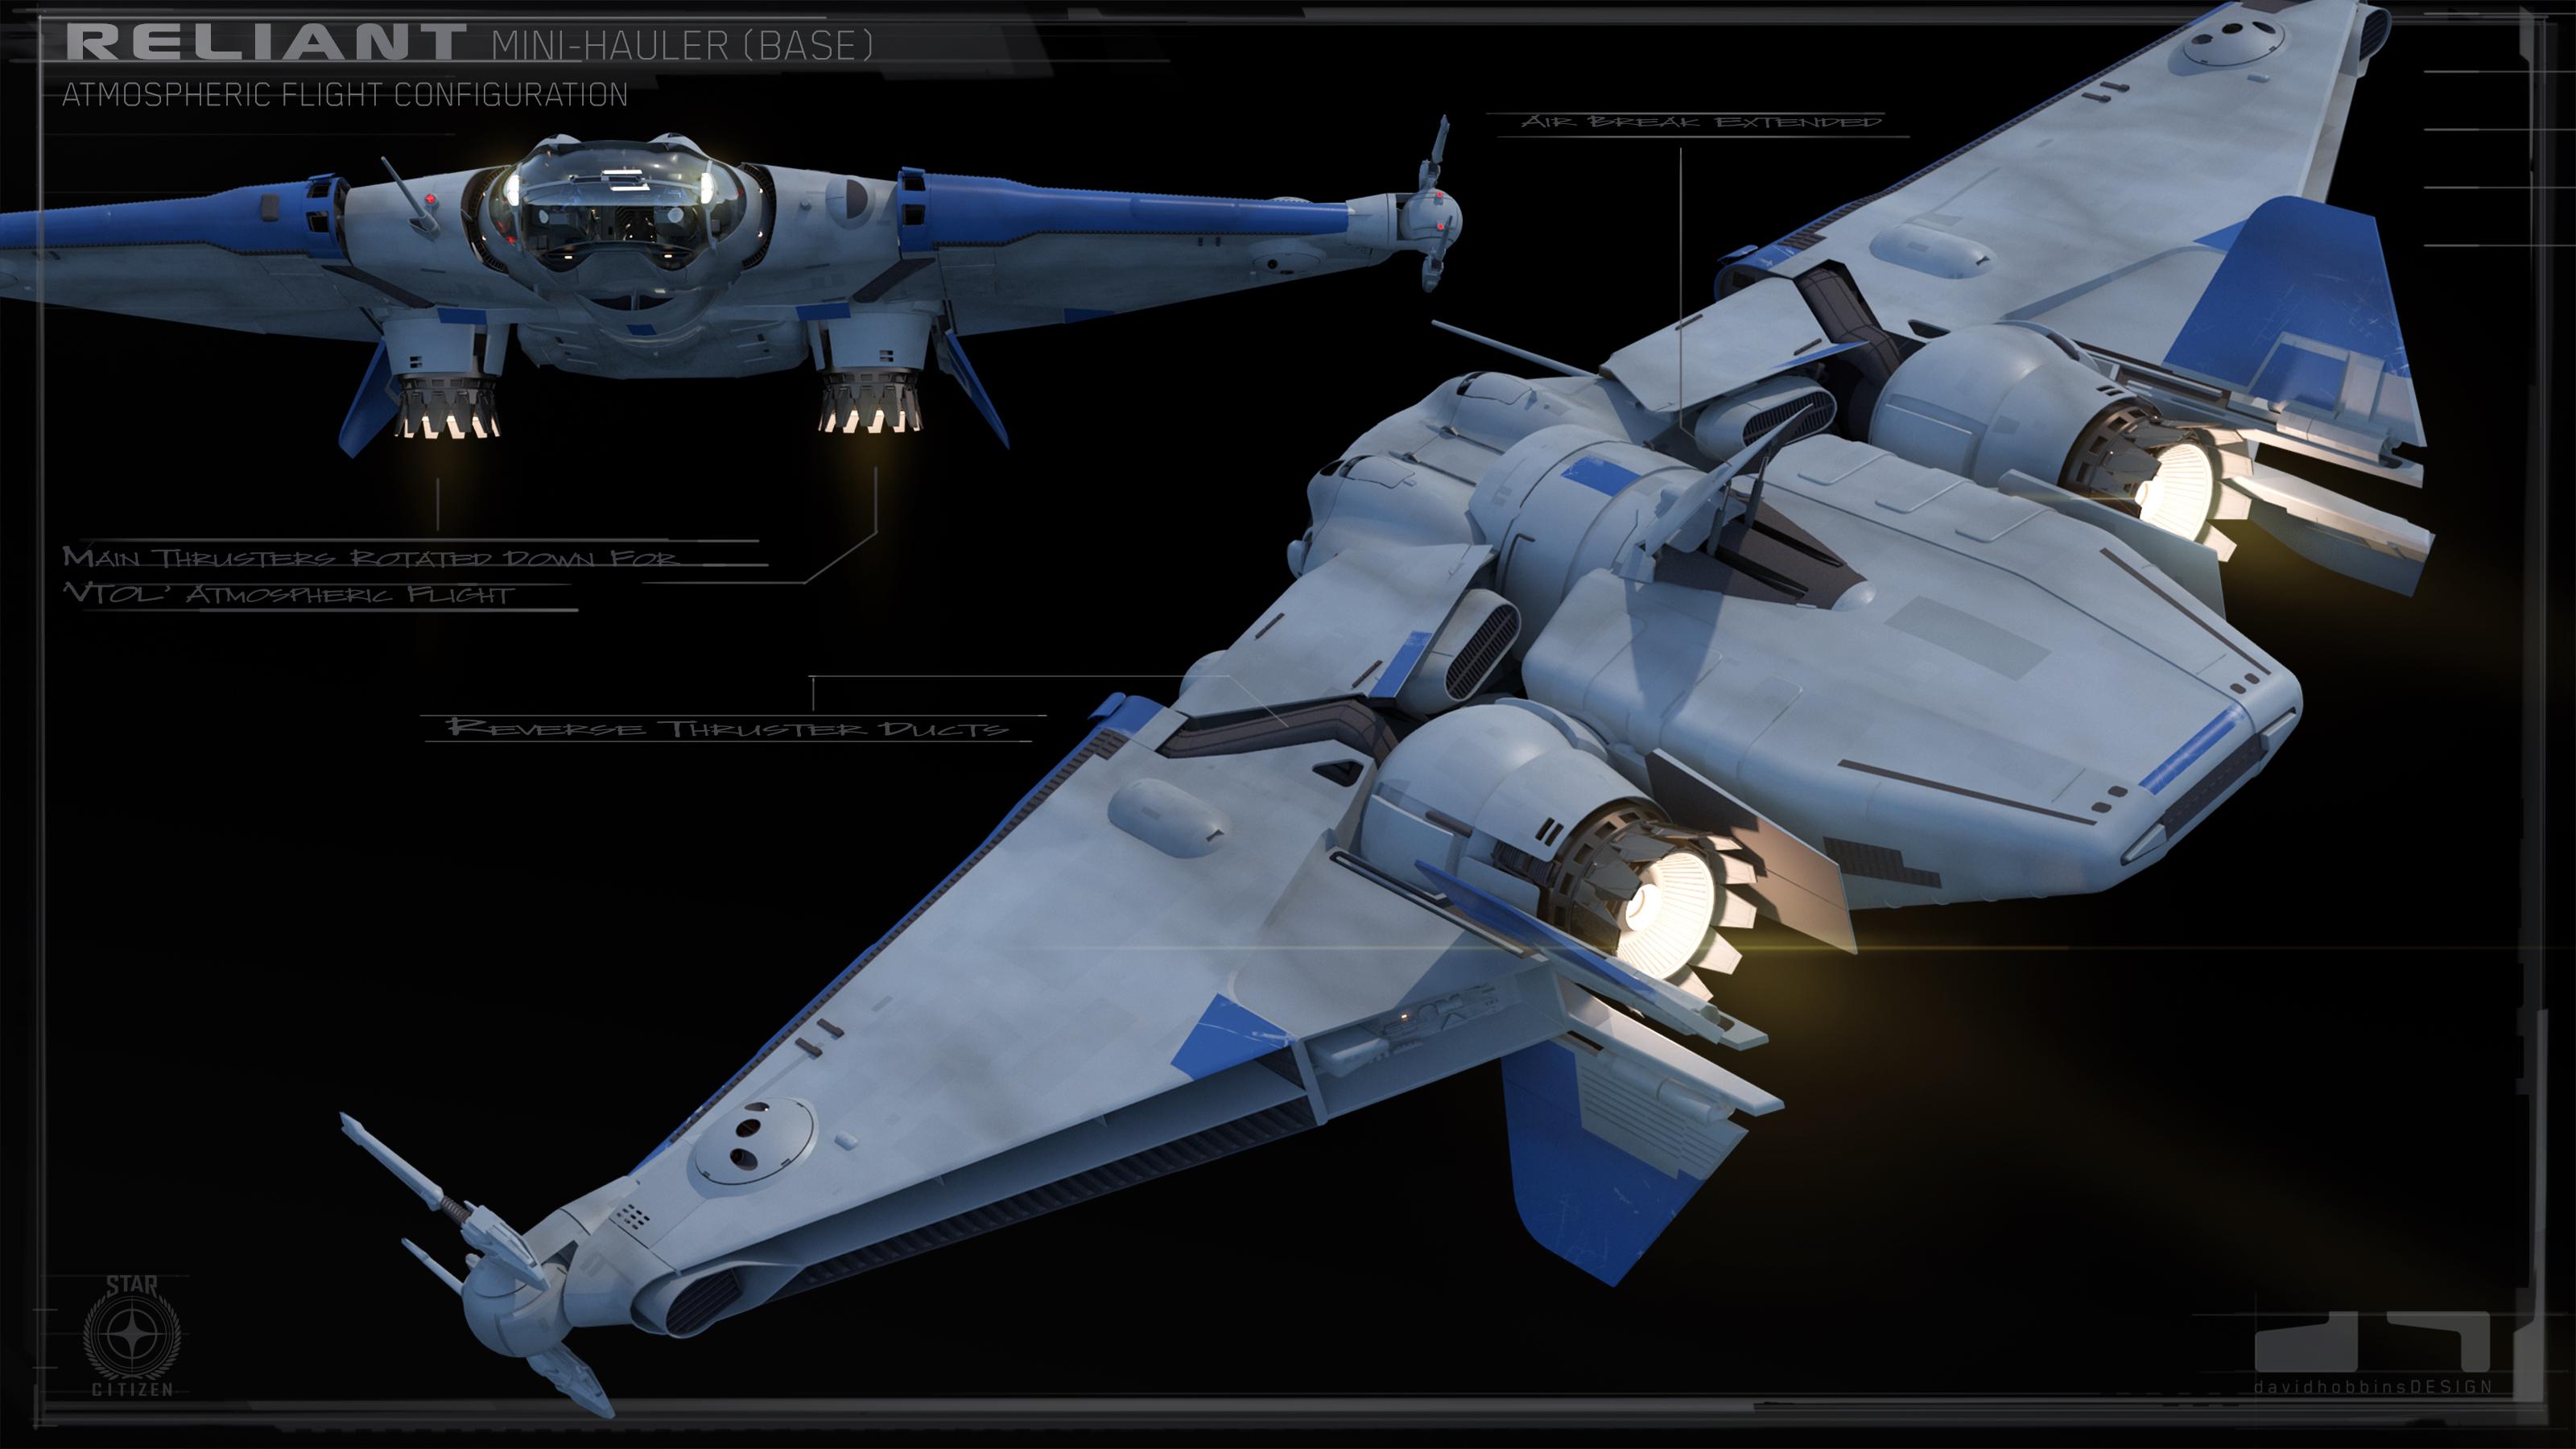 0520-Reliant_AtmosphericFlightConfig_Upd